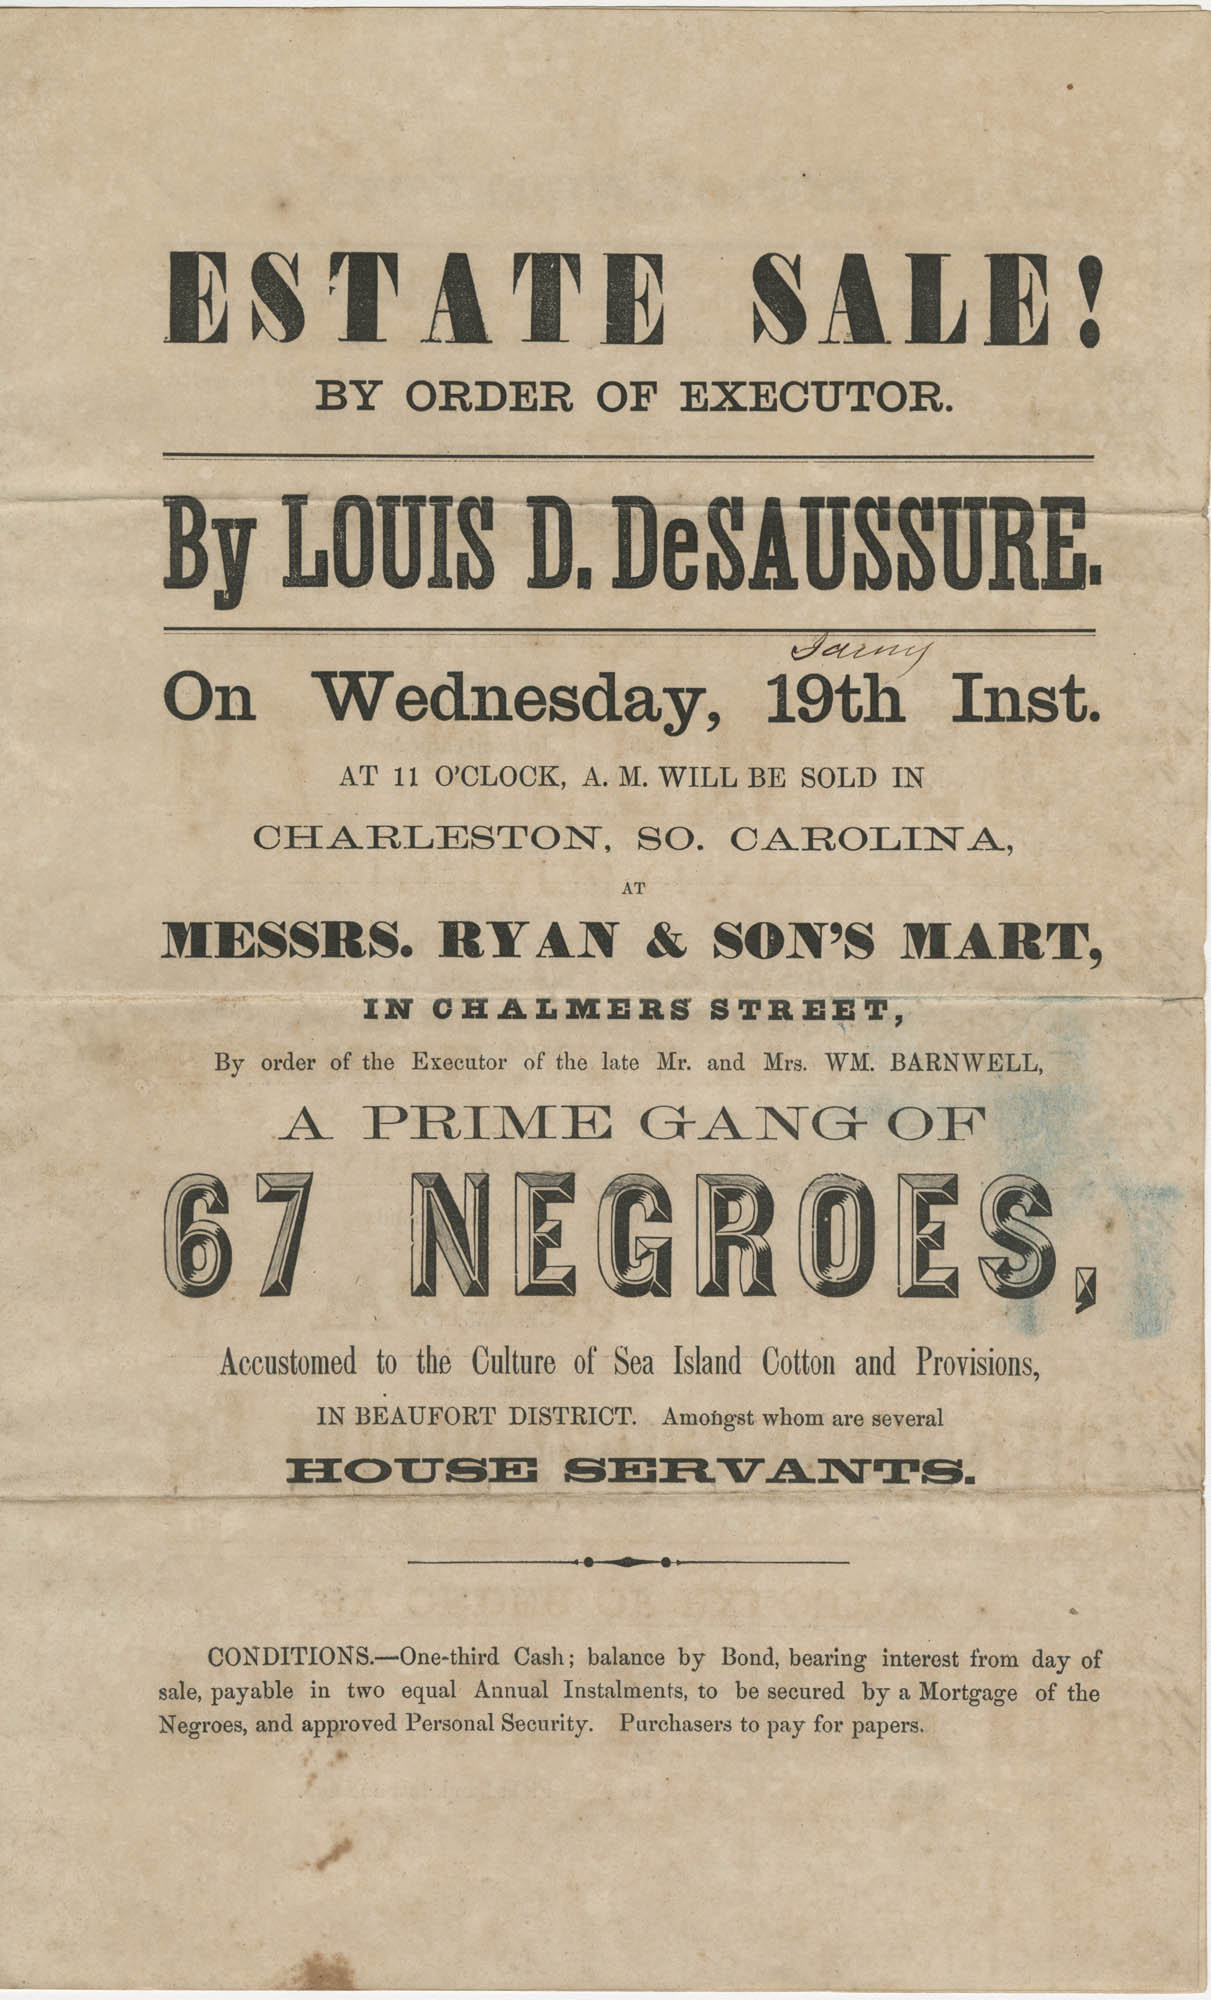 Louis D. DeSaussure slave sale broadside, Page 1